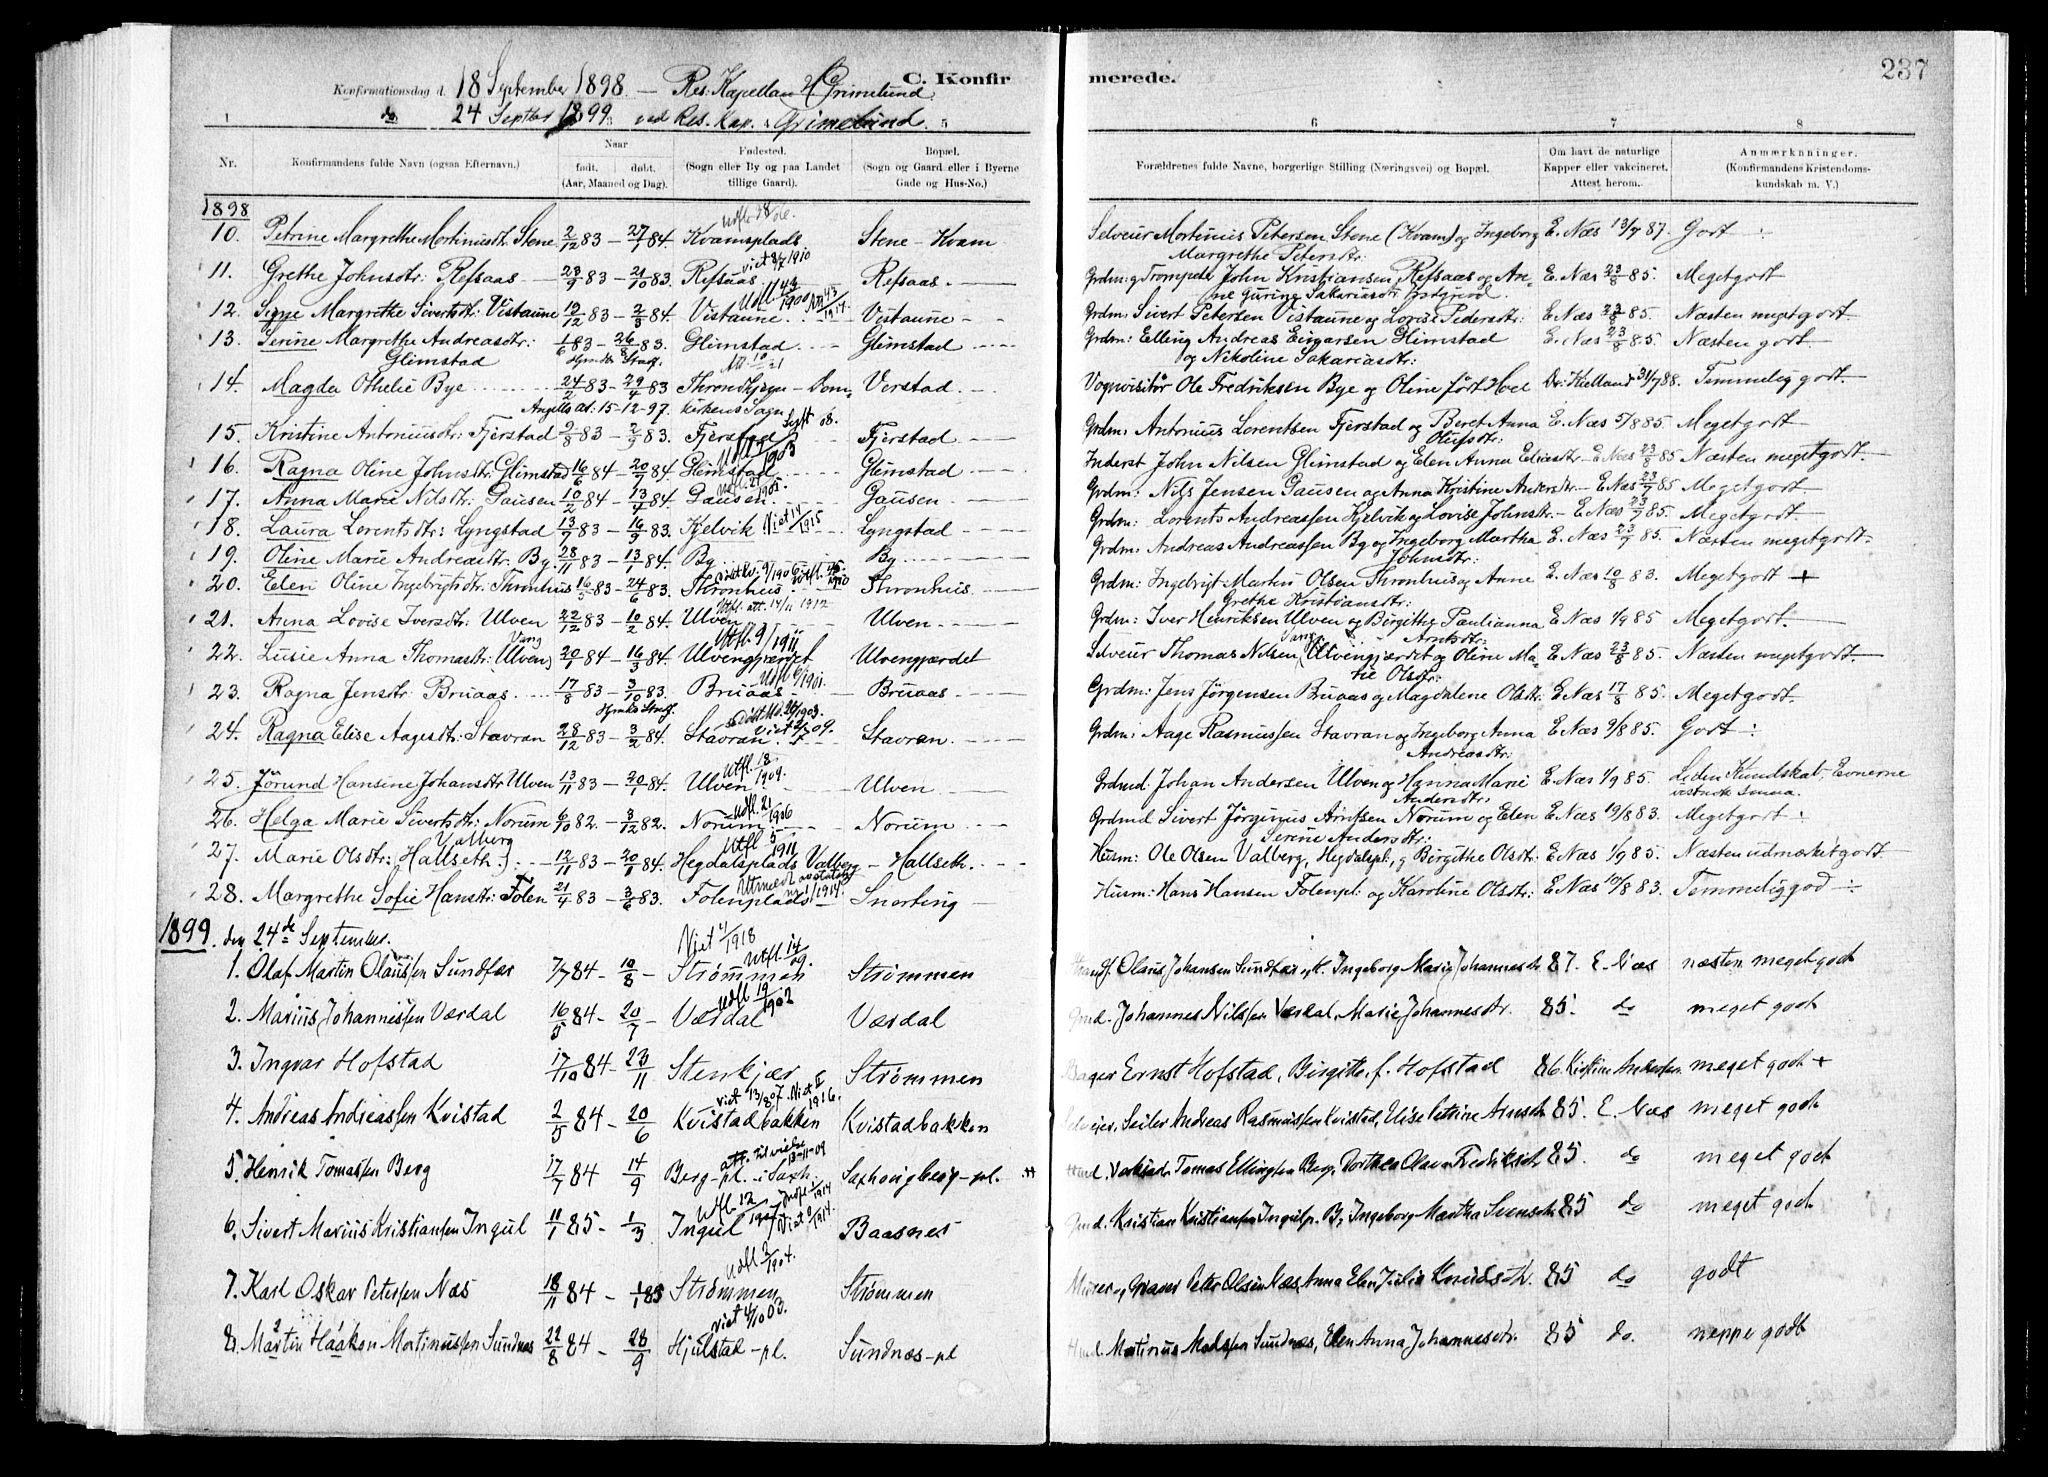 SAT, Ministerialprotokoller, klokkerbøker og fødselsregistre - Nord-Trøndelag, 730/L0285: Ministerialbok nr. 730A10, 1879-1914, s. 237